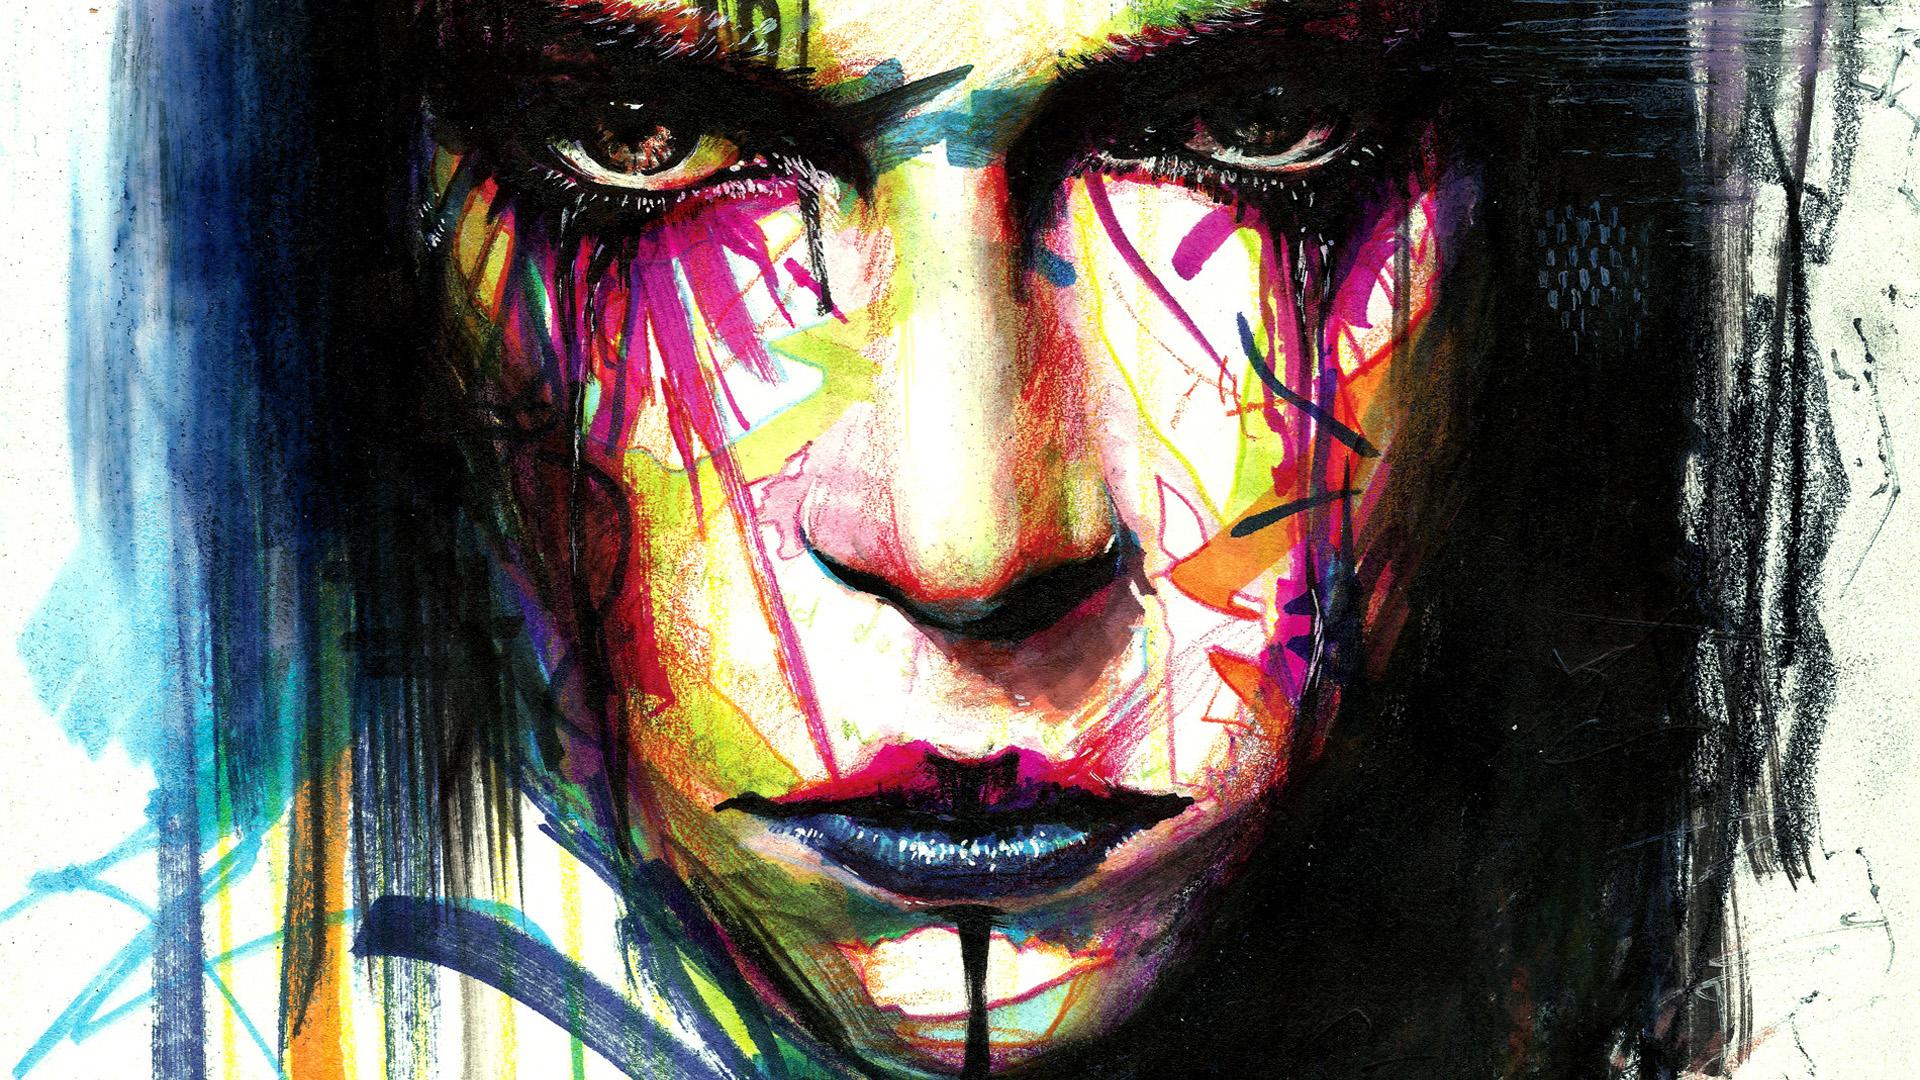 Art ID: 43473